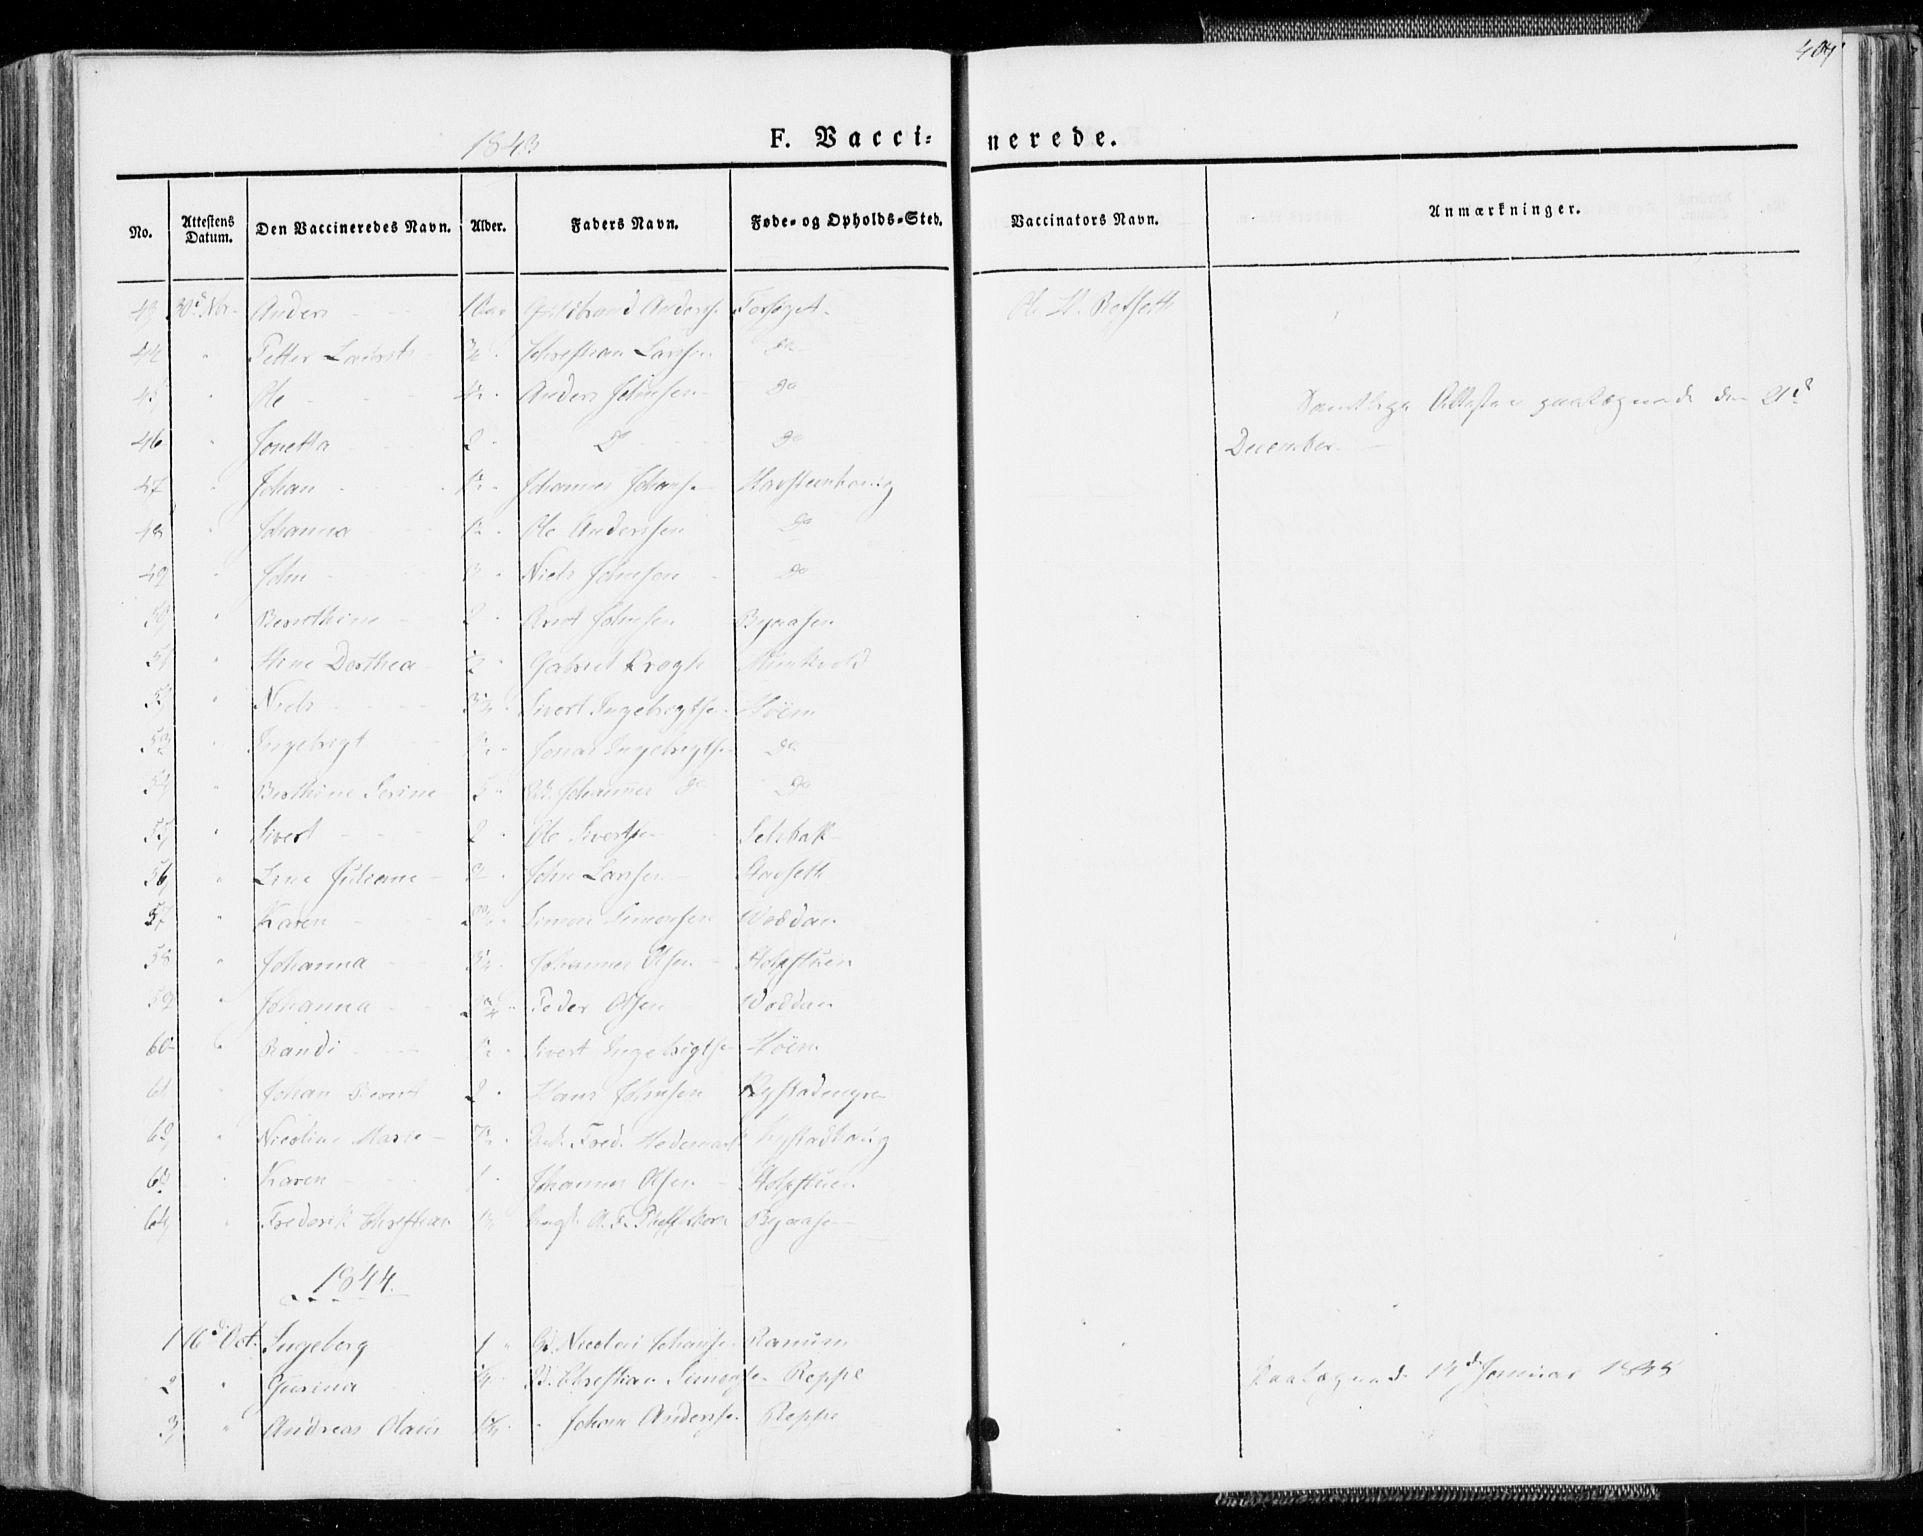 SAT, Ministerialprotokoller, klokkerbøker og fødselsregistre - Sør-Trøndelag, 606/L0290: Ministerialbok nr. 606A05, 1841-1847, s. 409